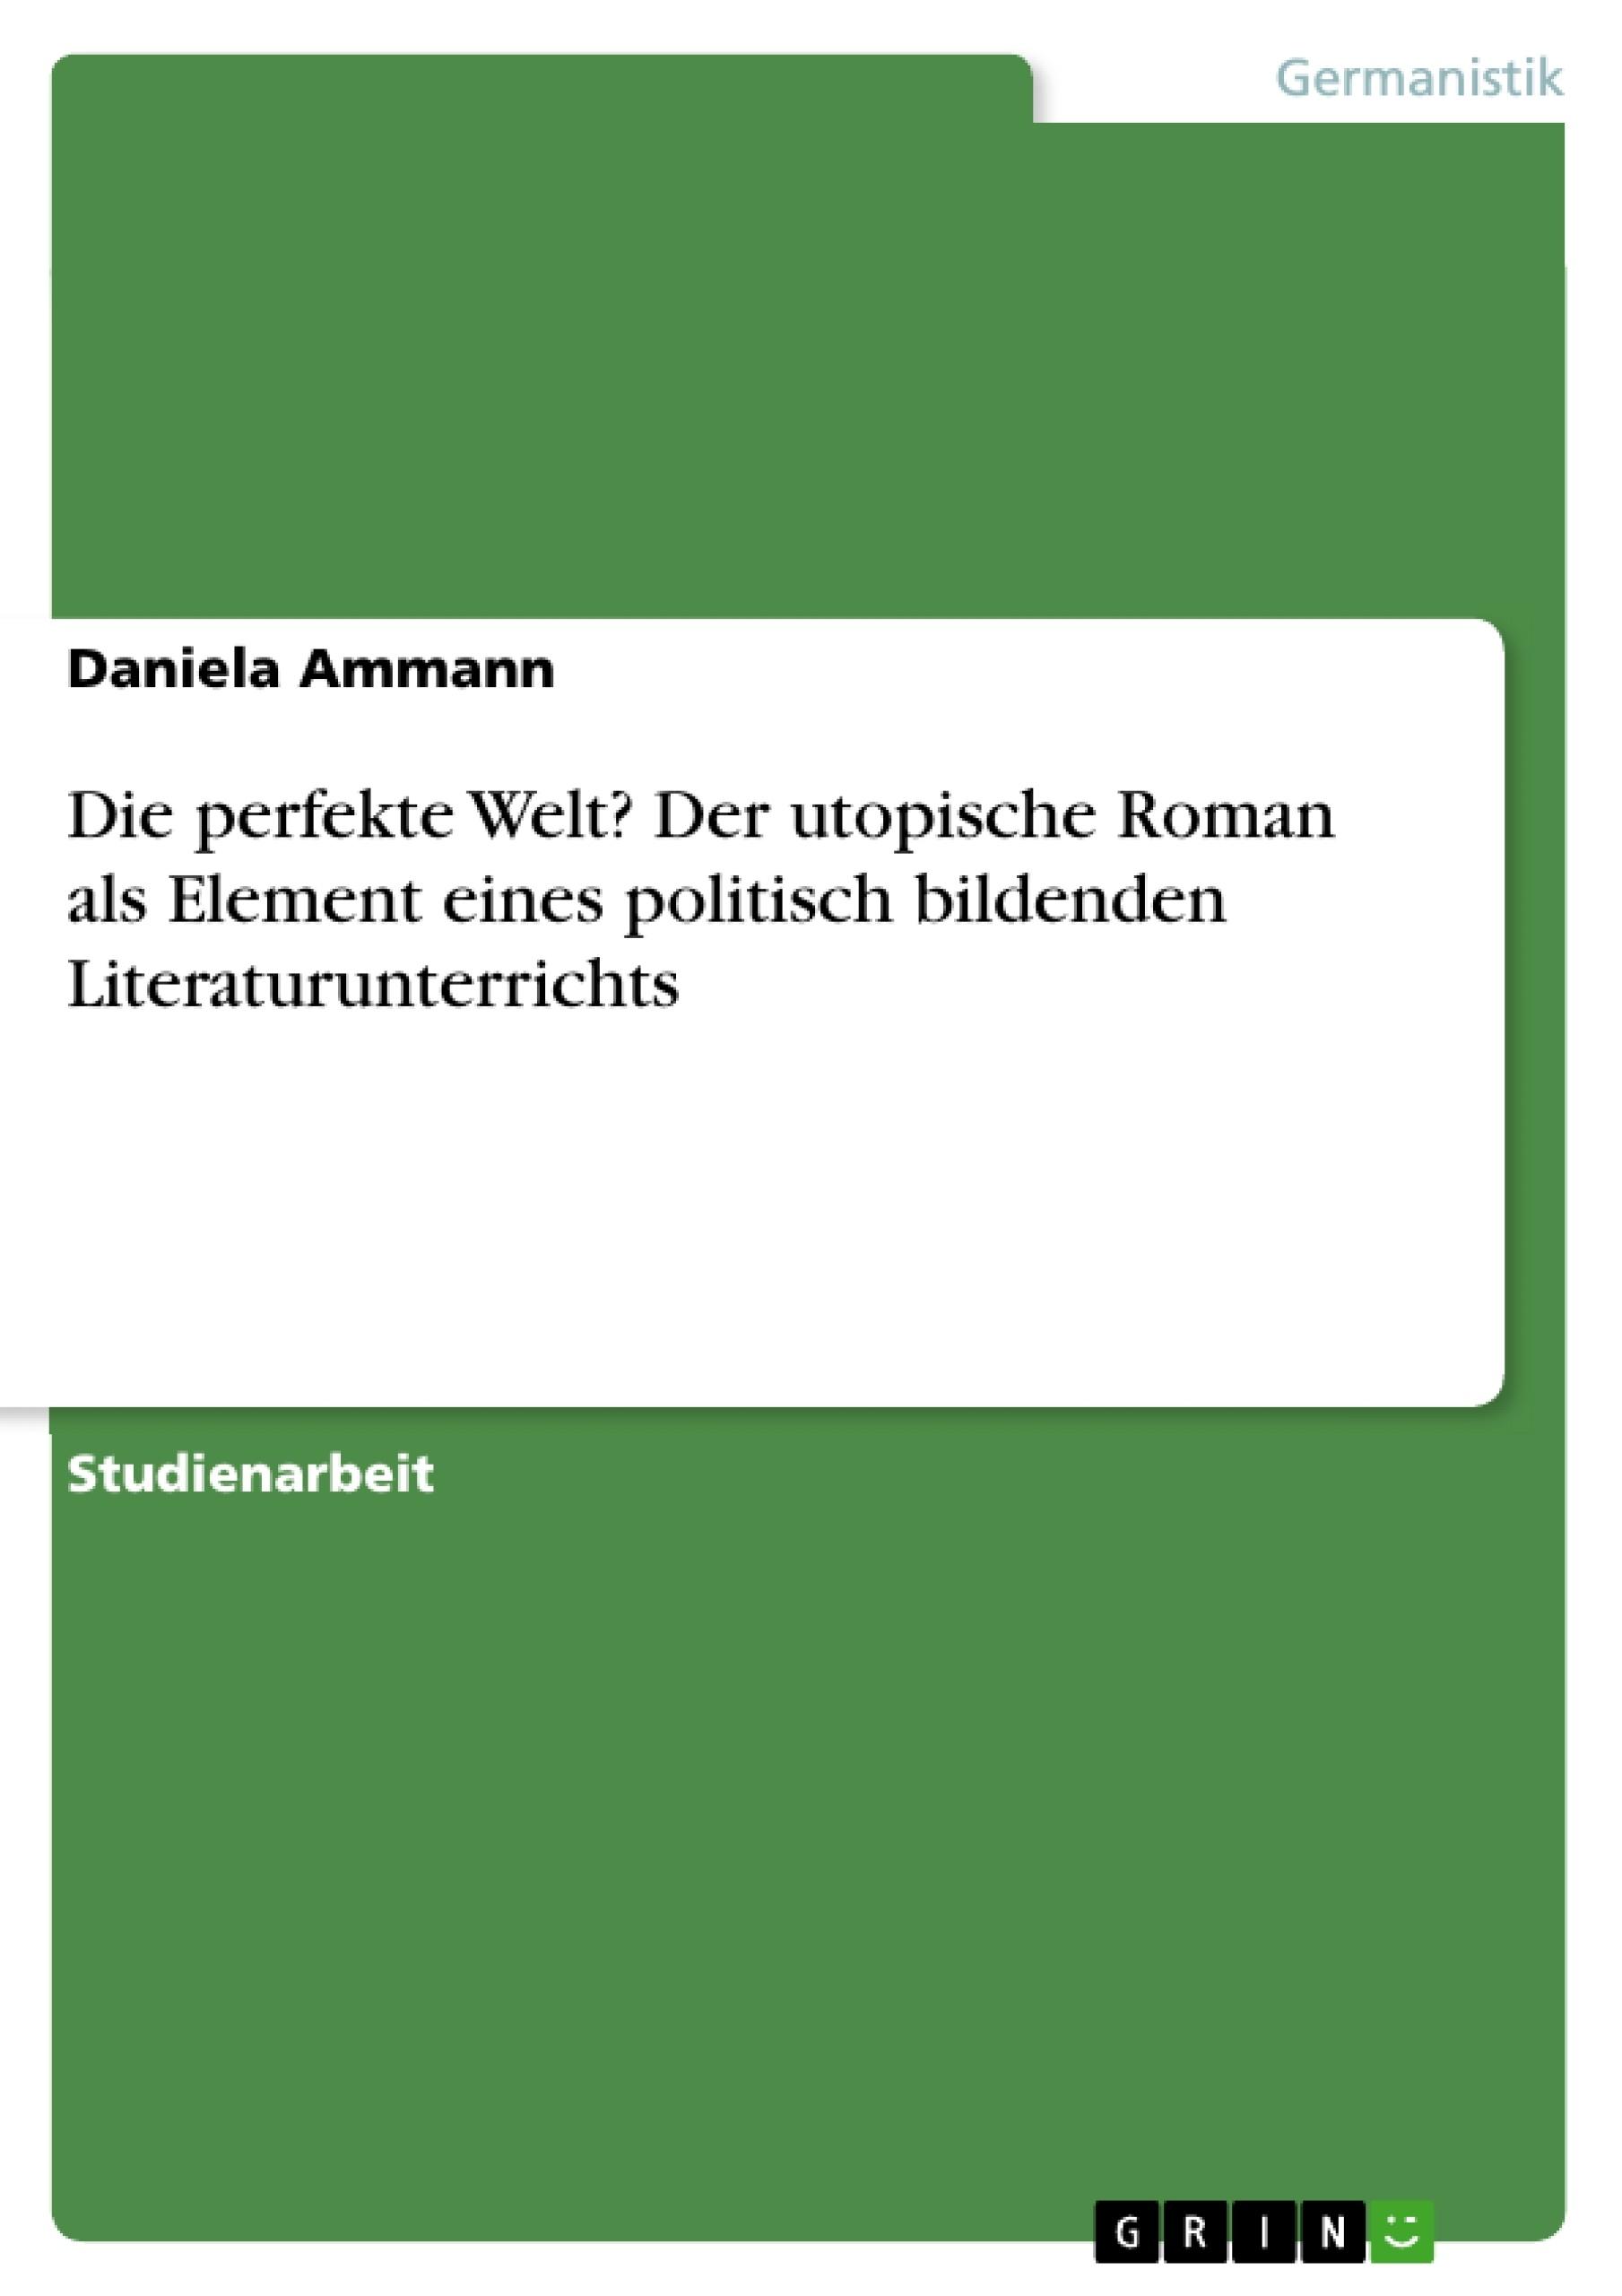 Titel: Die perfekte Welt? Der utopische Roman als Element eines politisch bildenden Literaturunterrichts